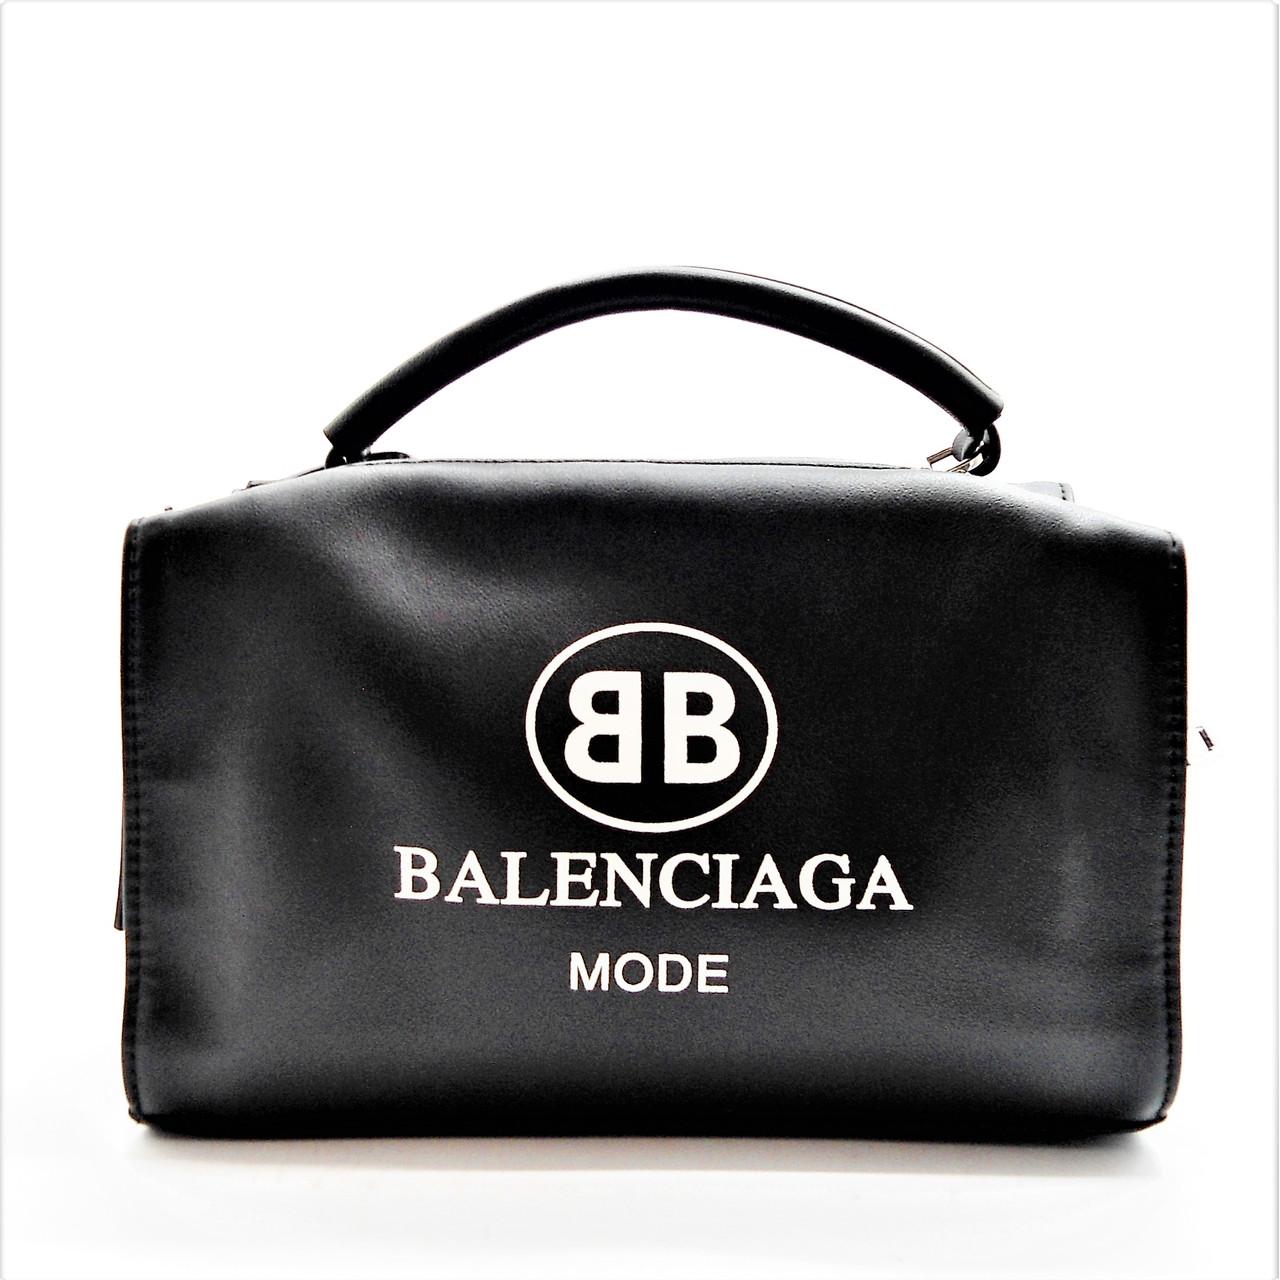 74e600386220 Стильная женская кожаная сумочка в руку DBN-031661 Италия: купить ...